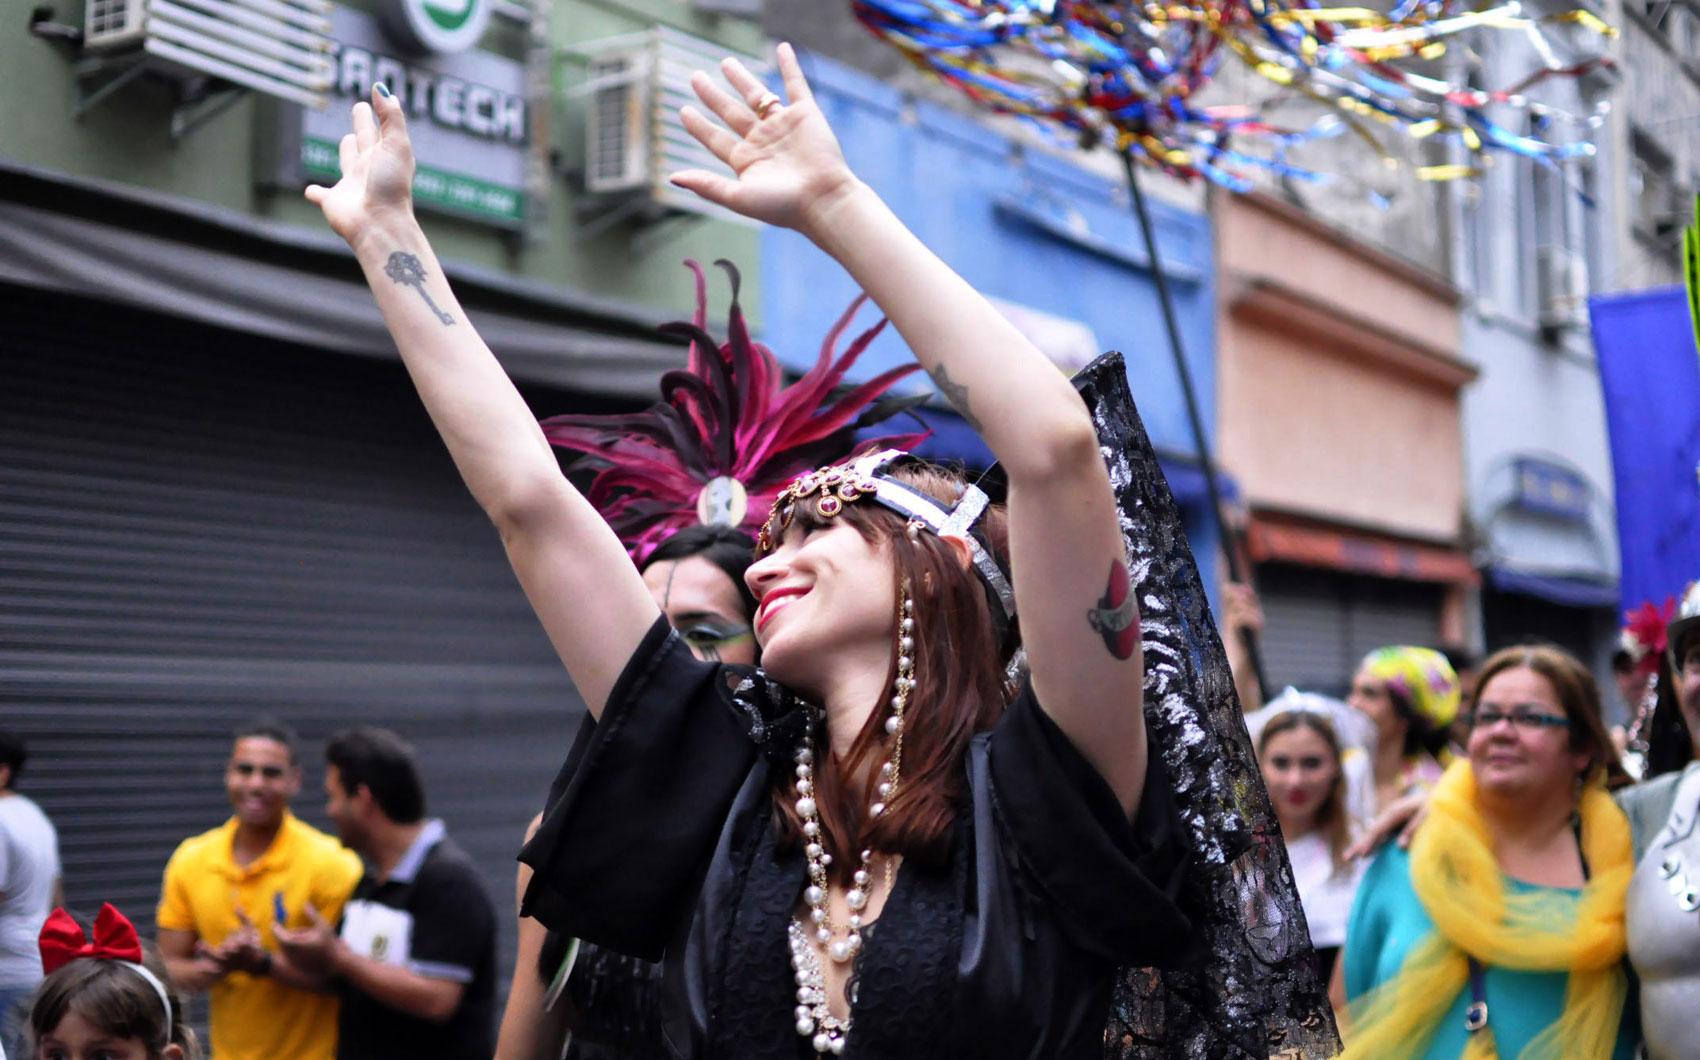 A atriz Mel Lisboa, madrinha do bloco Cordão do Triunfo aproveita o carnaval com os foliões do bloco que percorre as ruas da Cracolândia